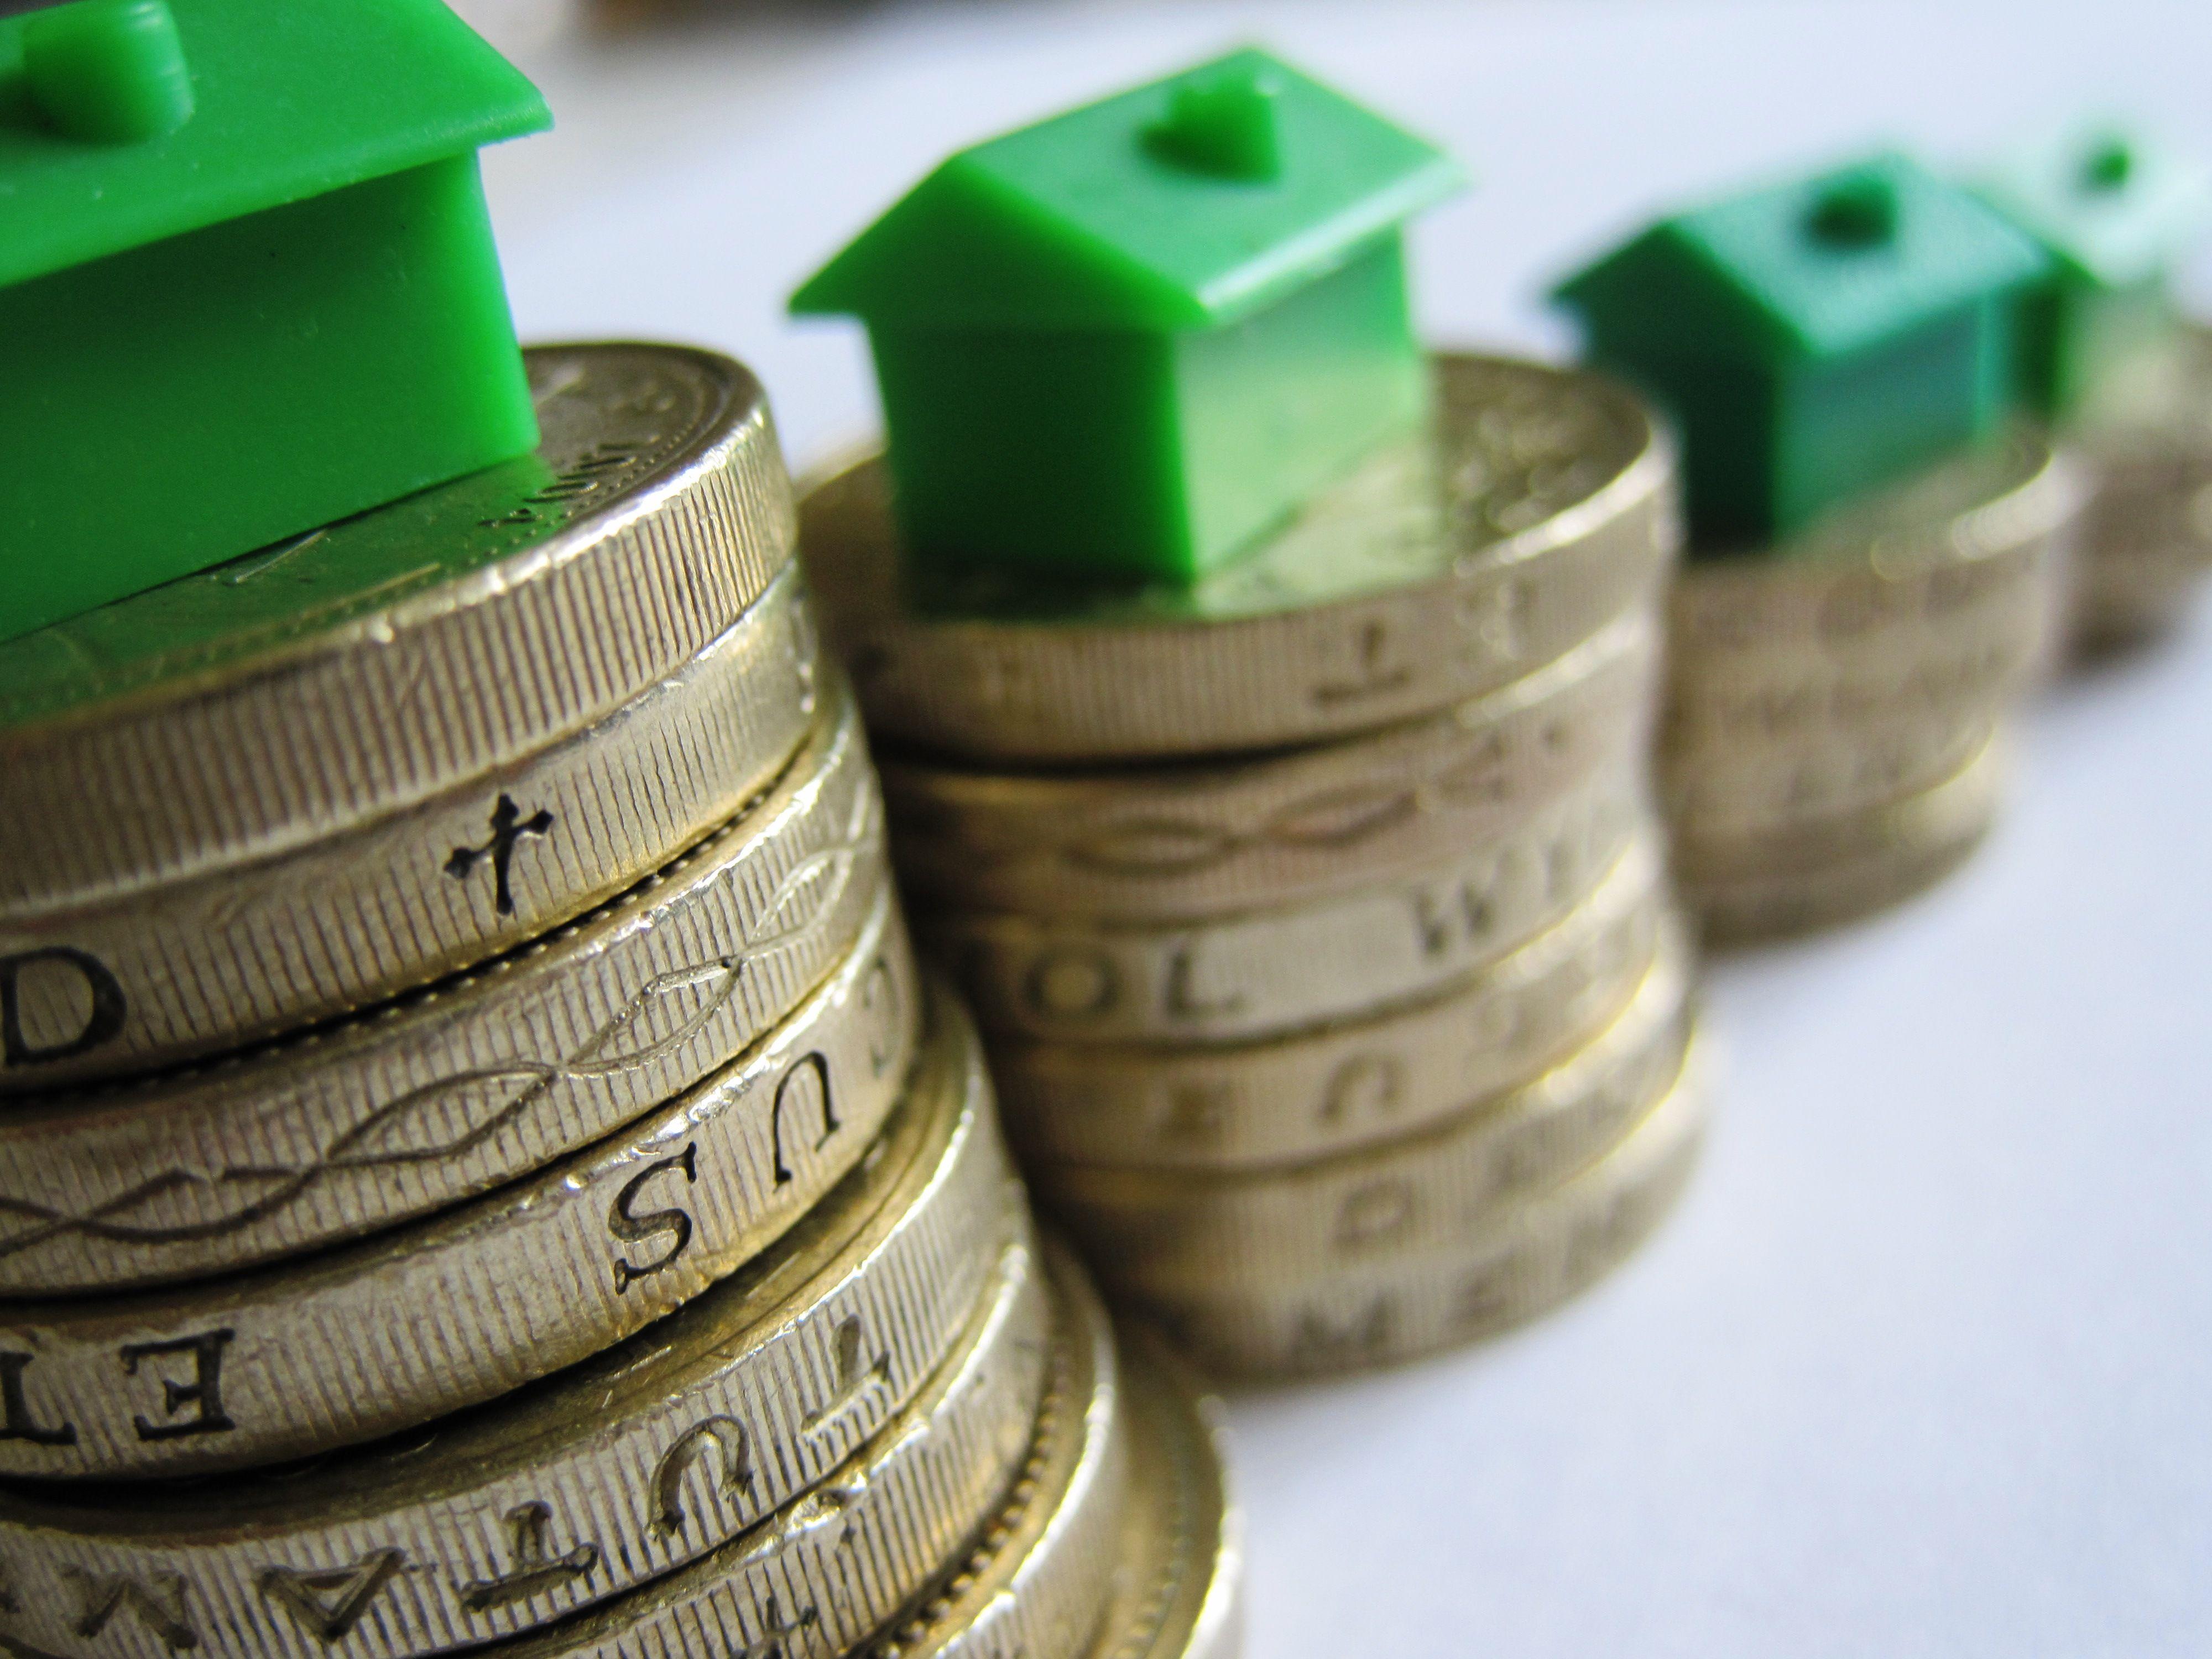 Croissance molle et creusement des inégalités : comment l'immobilier est devenu la plaie de l'économie (et comment Thomas Piketty est passé à côté de ses propres données)